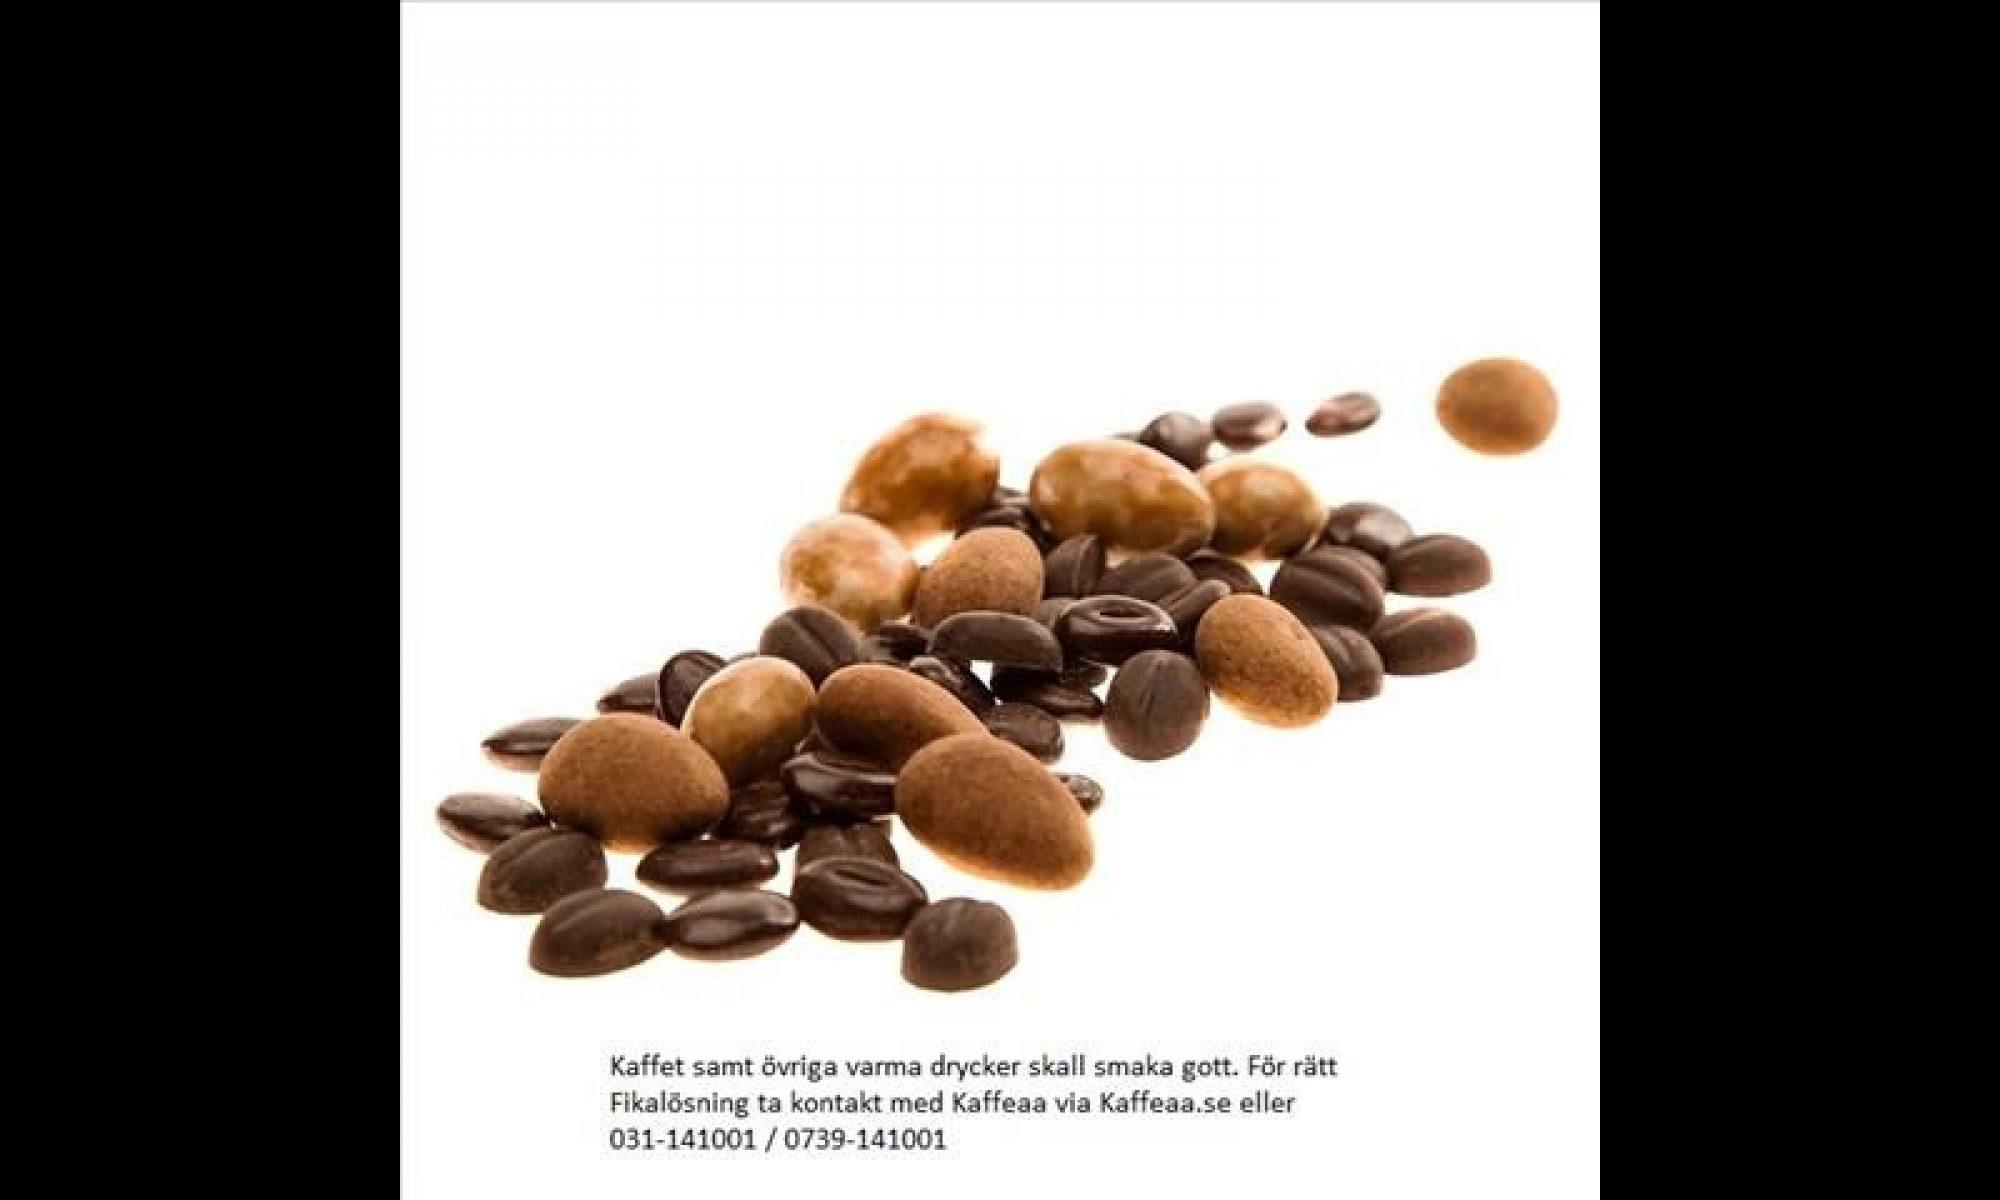 Kaffeaa